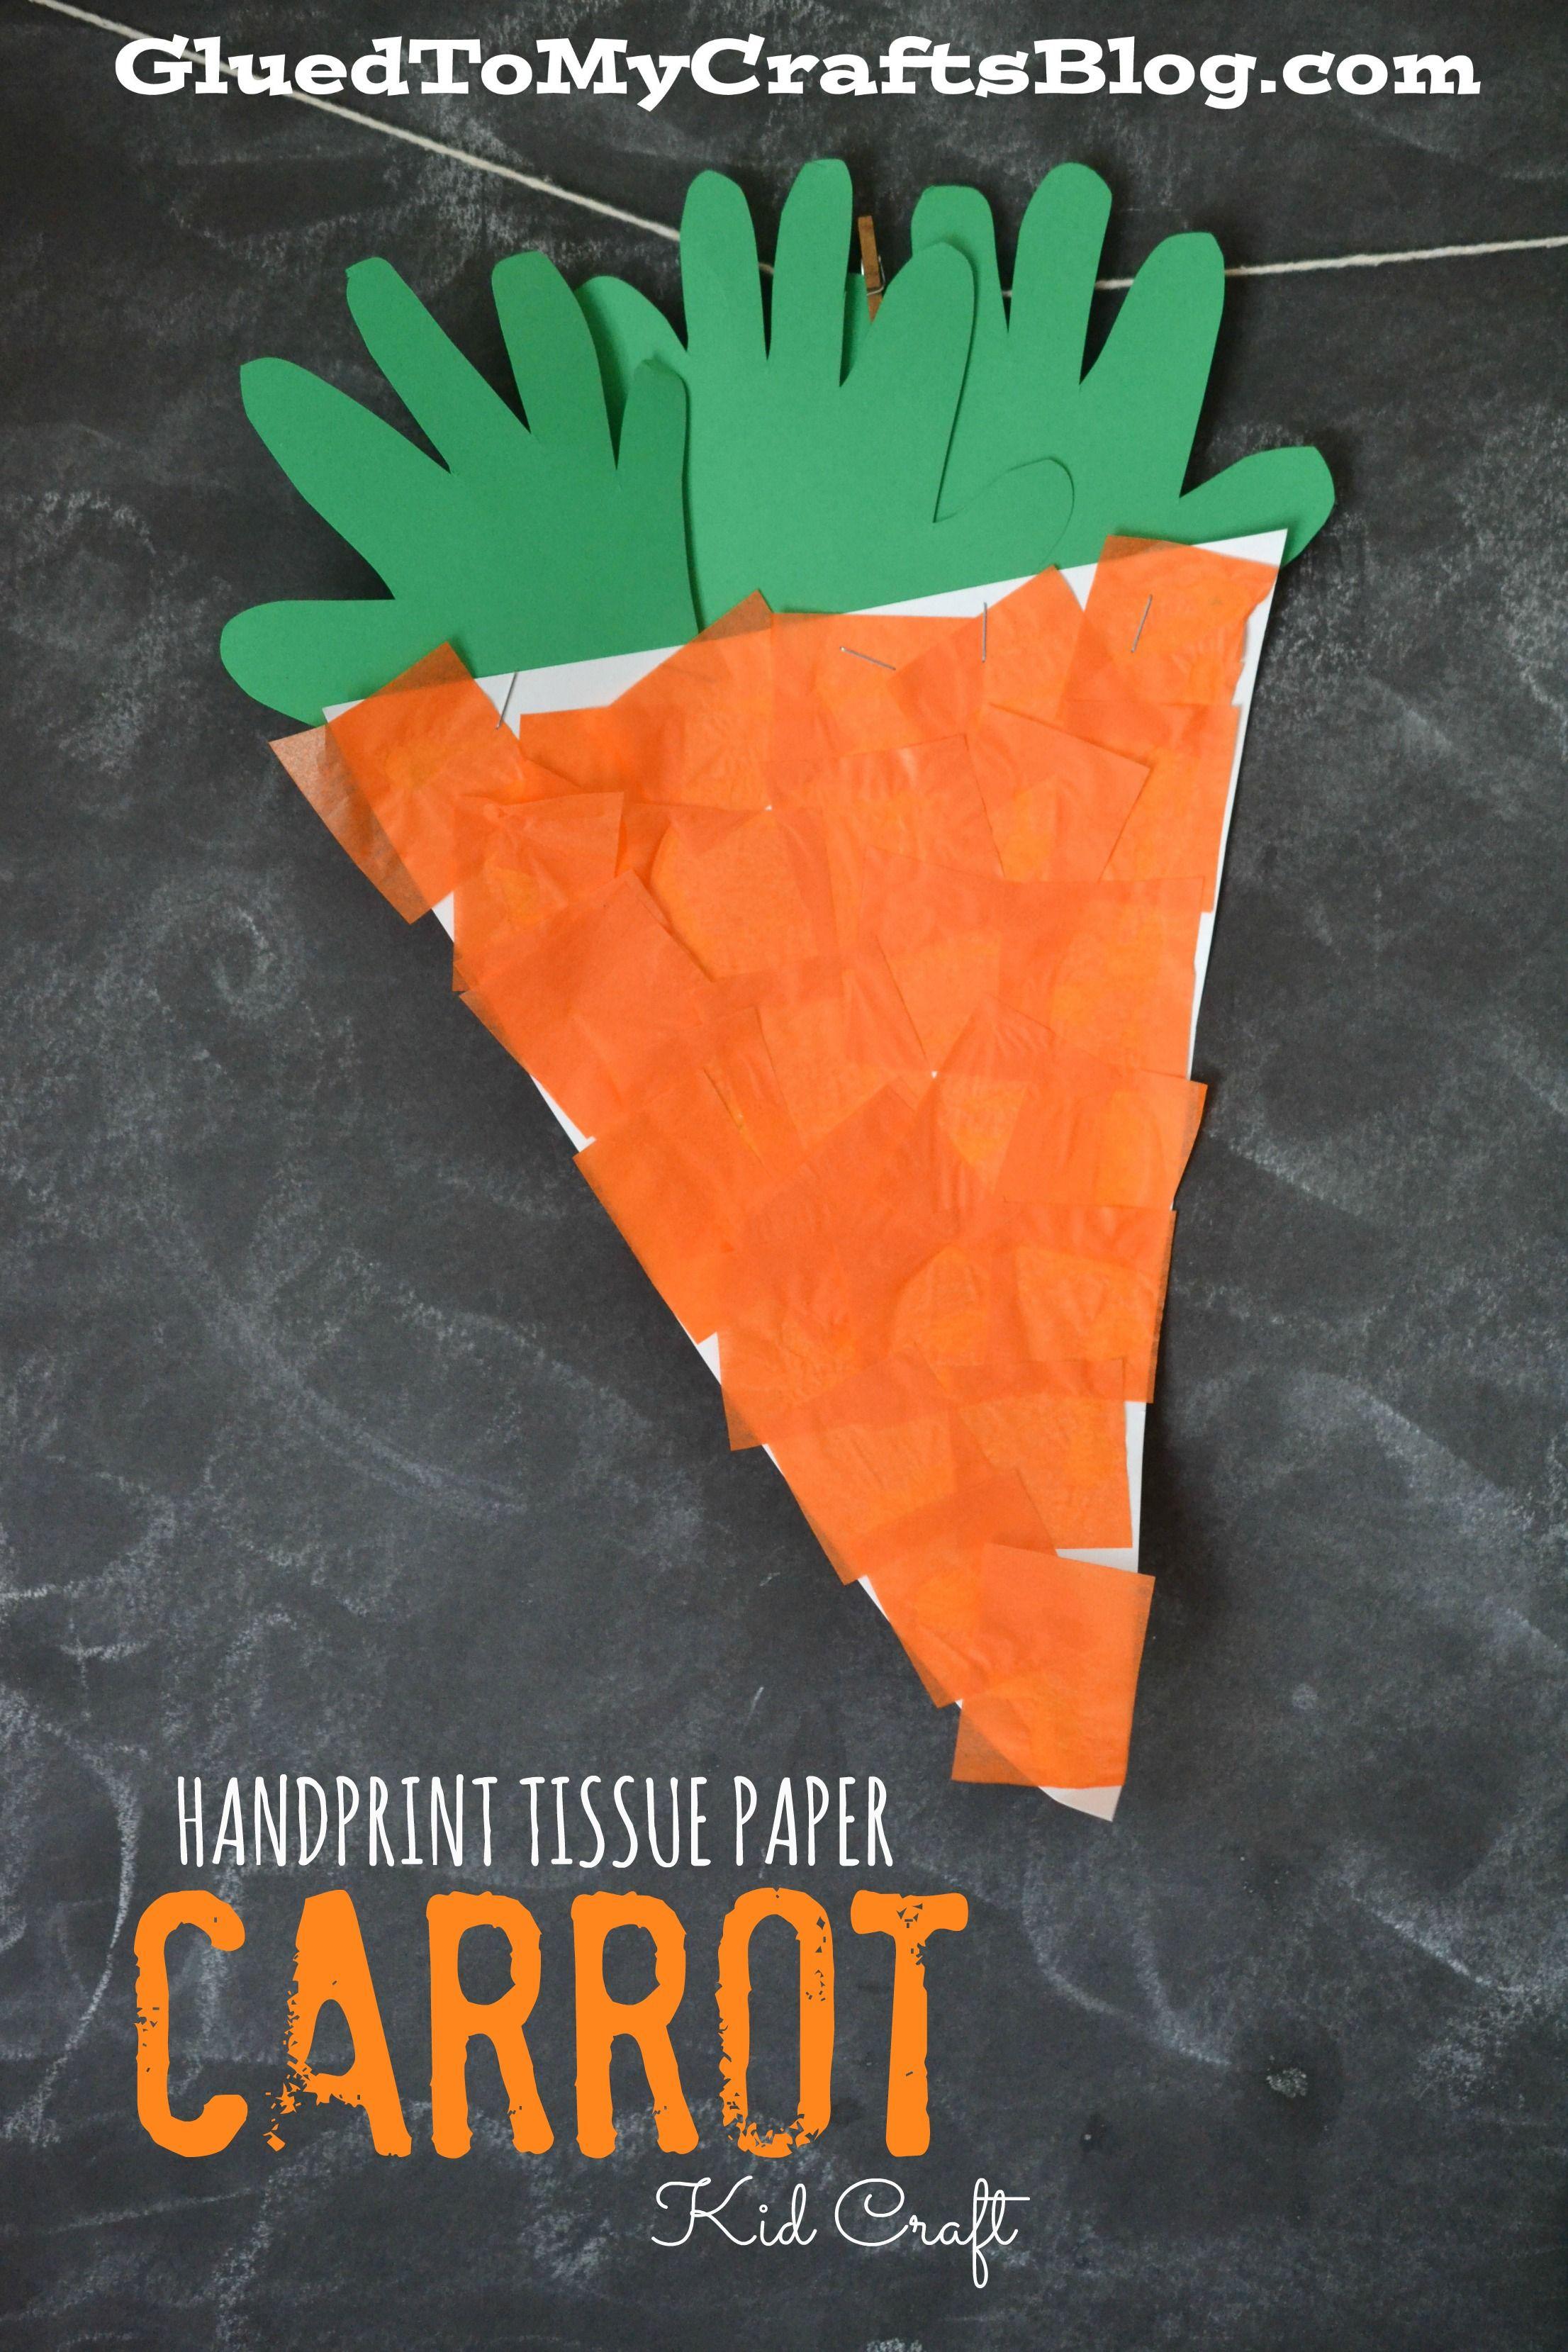 Handprint Tissue Paper Carrot